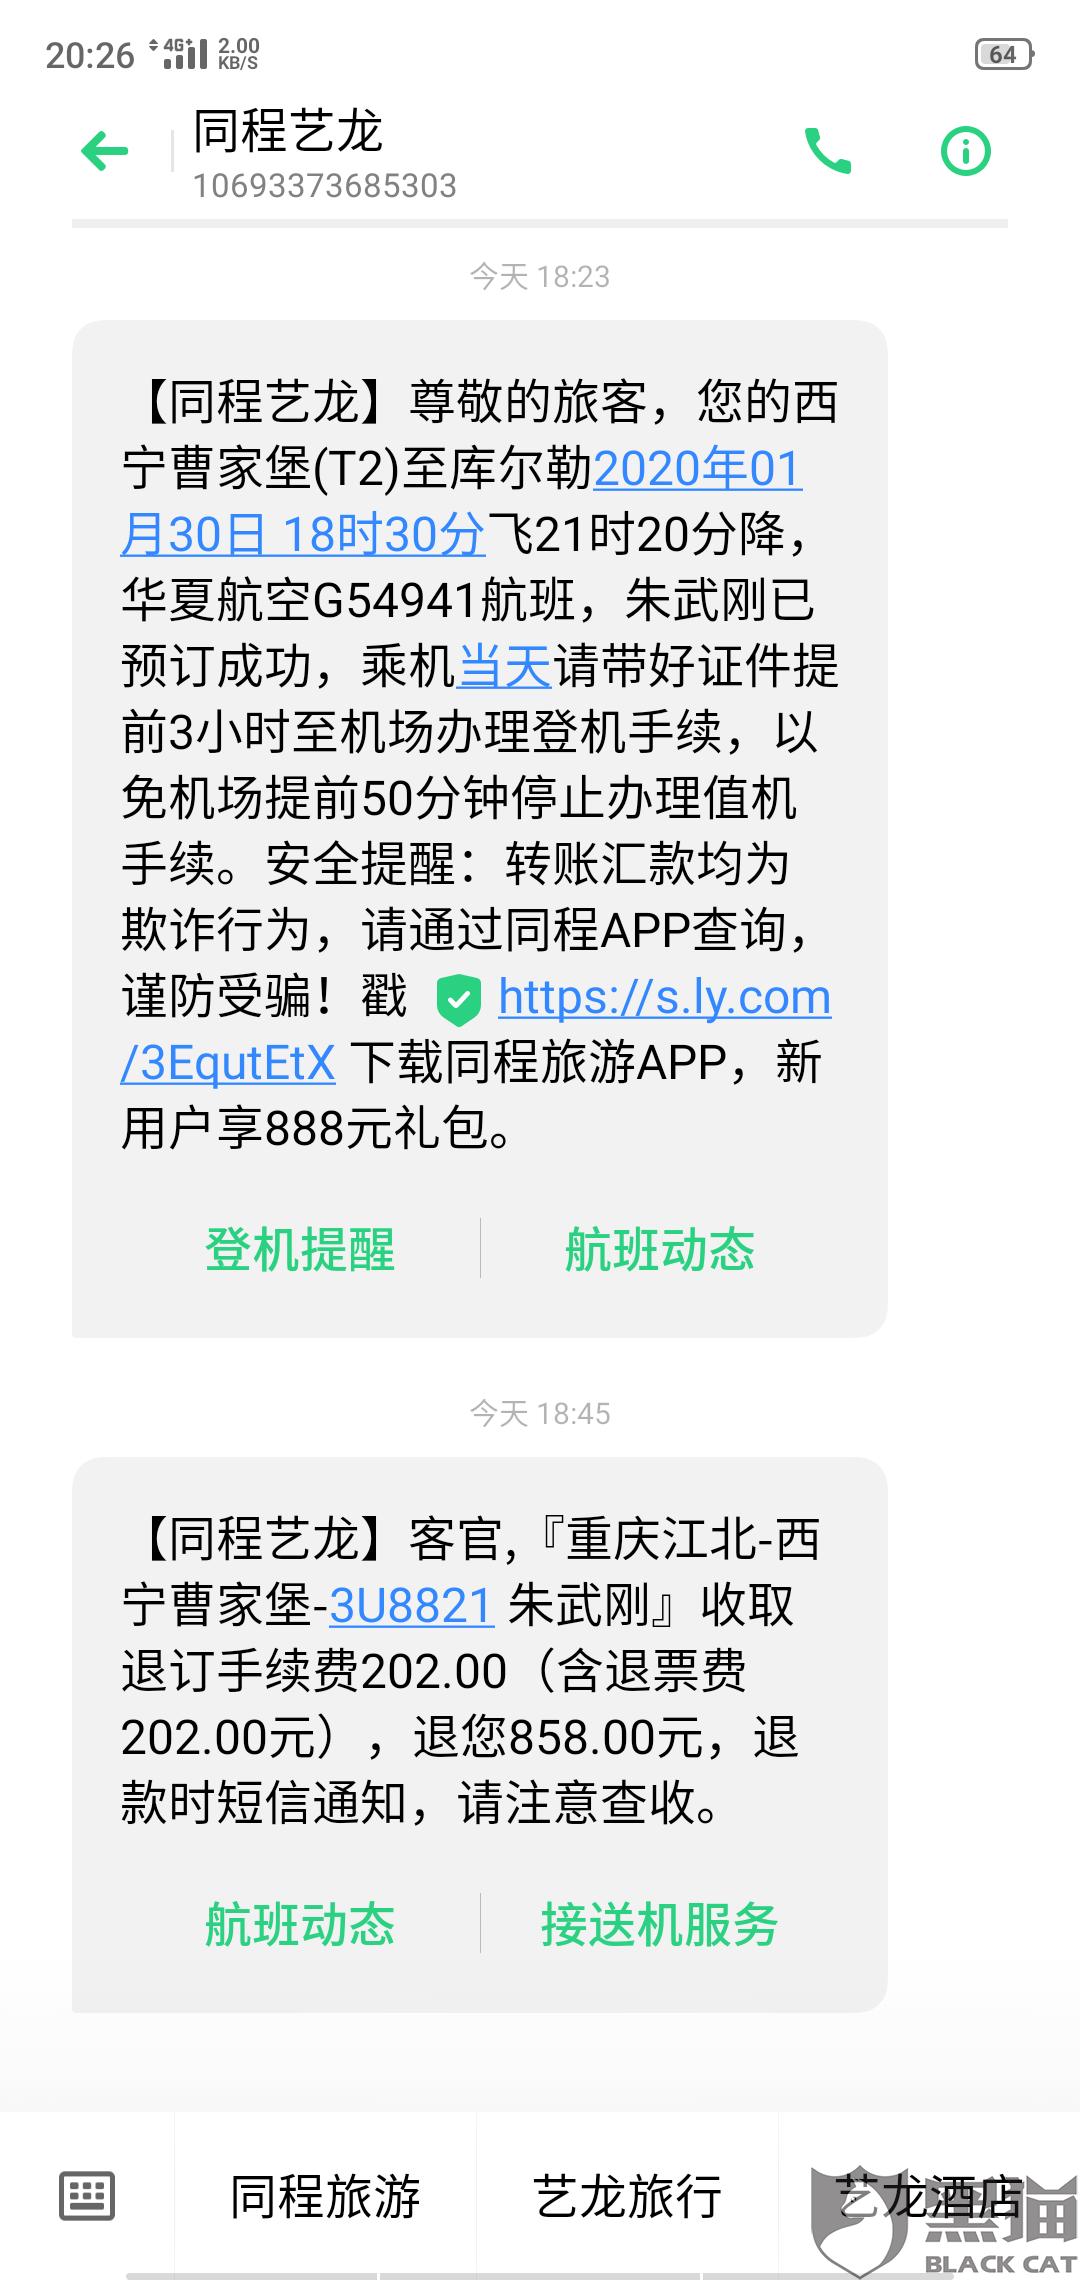 黑猫投诉:购买重庆到库尔勒飞机票,总价2315,收了612的手续费